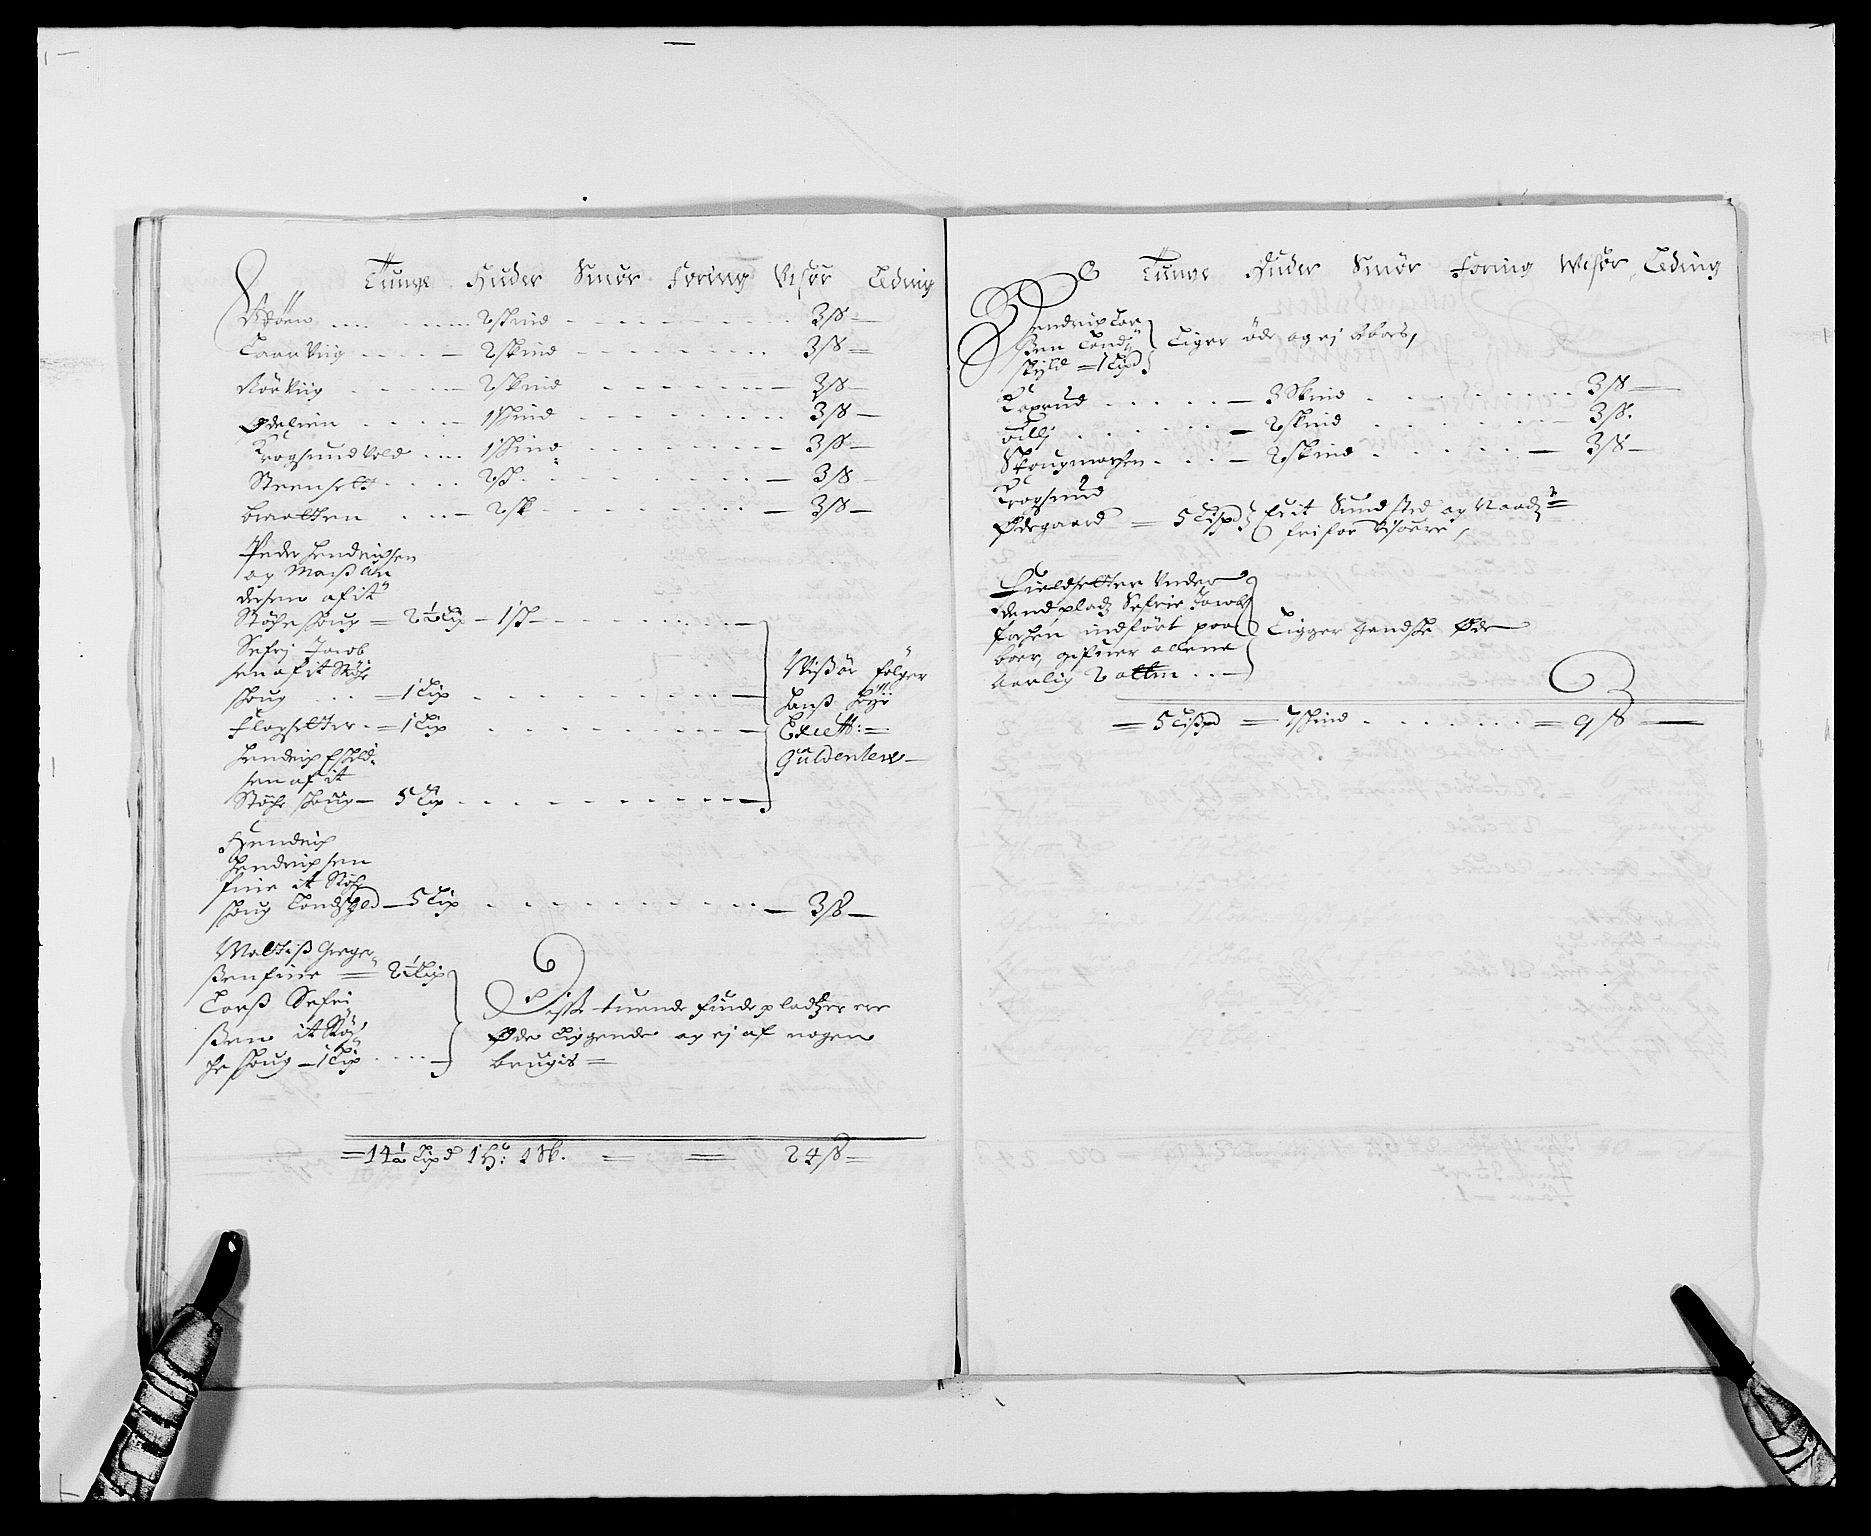 RA, Rentekammeret inntil 1814, Reviderte regnskaper, Fogderegnskap, R21/L1446: Fogderegnskap Ringerike og Hallingdal, 1683-1686, s. 306